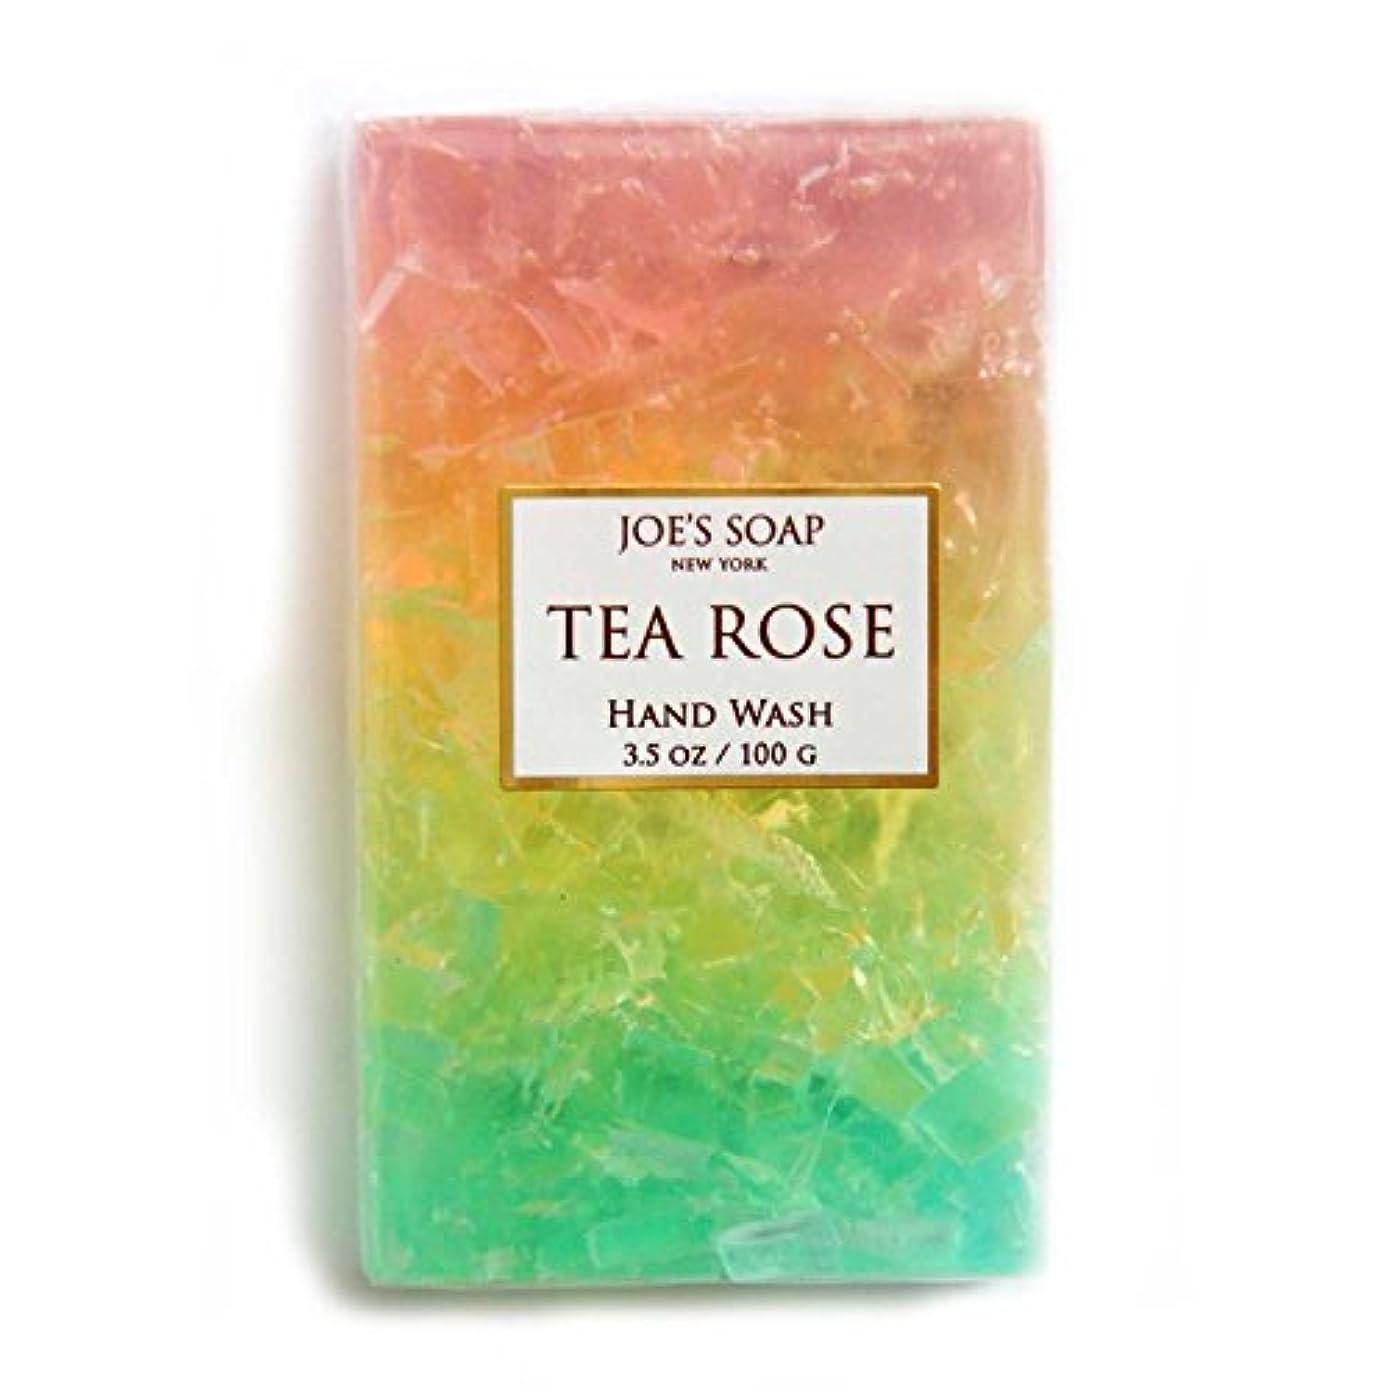 印をつける立方体精神JOE'S SOAP ジョーズソープ グラスソープ 100g 石けん ボディソープ 洗顔料 せっけん 固形 ギフト